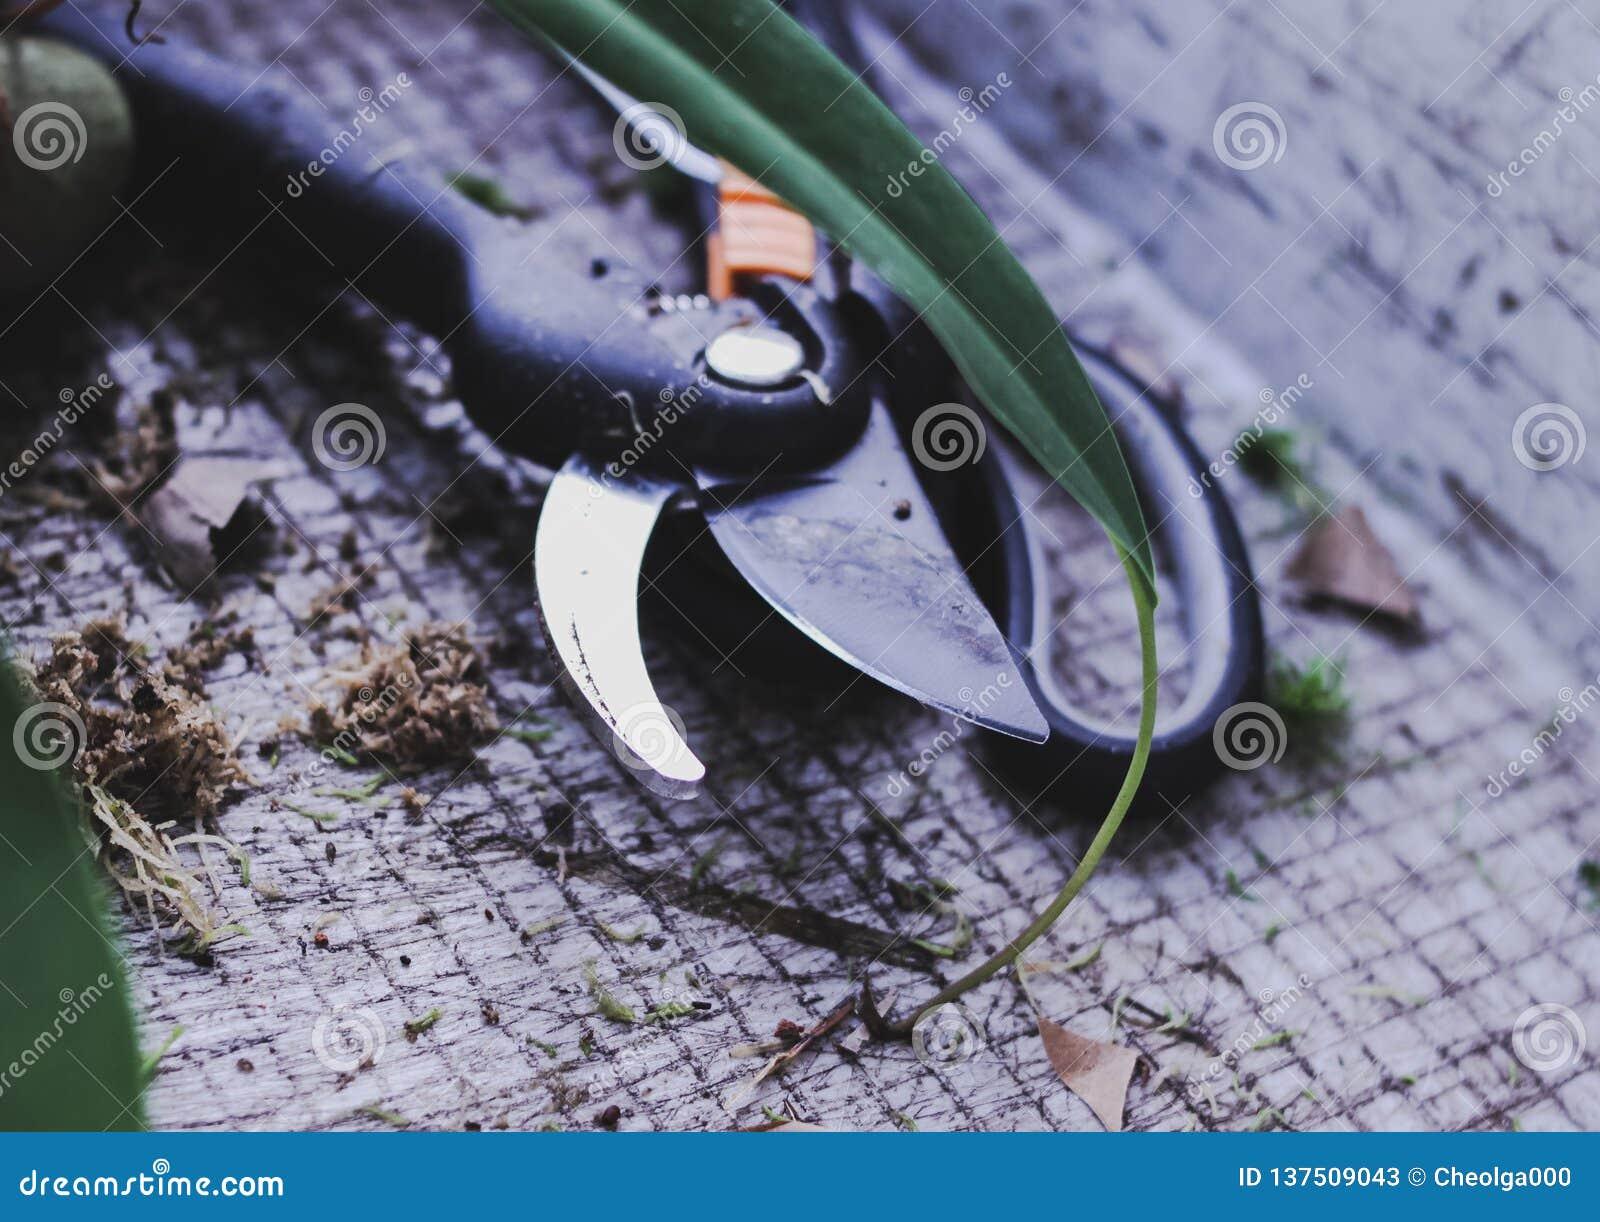 De snijder van tuinhulpmiddelen, schaar het overplanten van bloemen in de lente